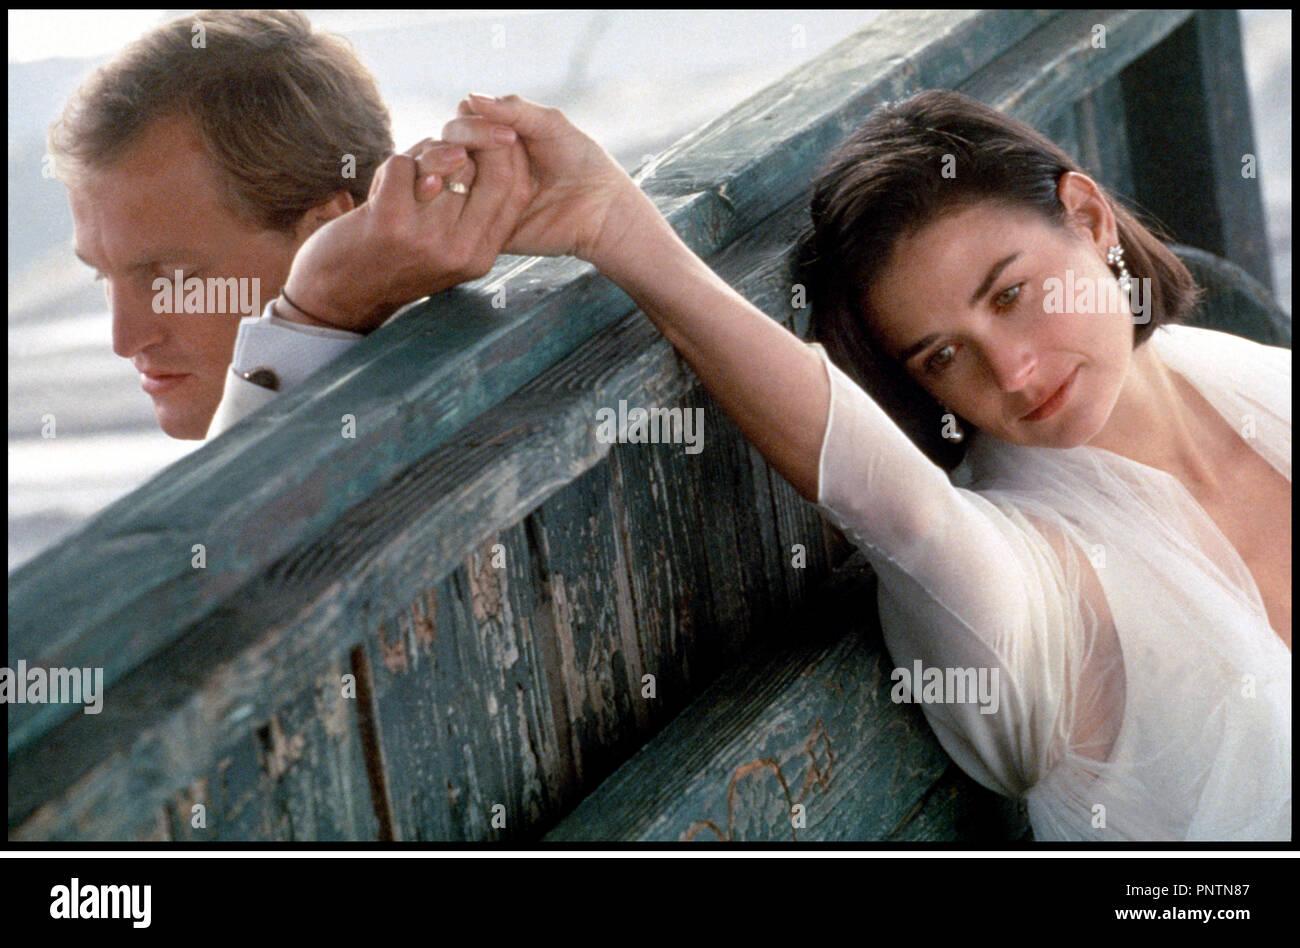 Prod DB ©ÊParamount / DR PROPOSITION INDECENTE (INDECENT PROPOSAL) de Adrian Lyne 1993 USA avec Woody Harrelson et Demi Moore union, mariage, tragedie, solidarite, soutien, tristesse, - Stock Image